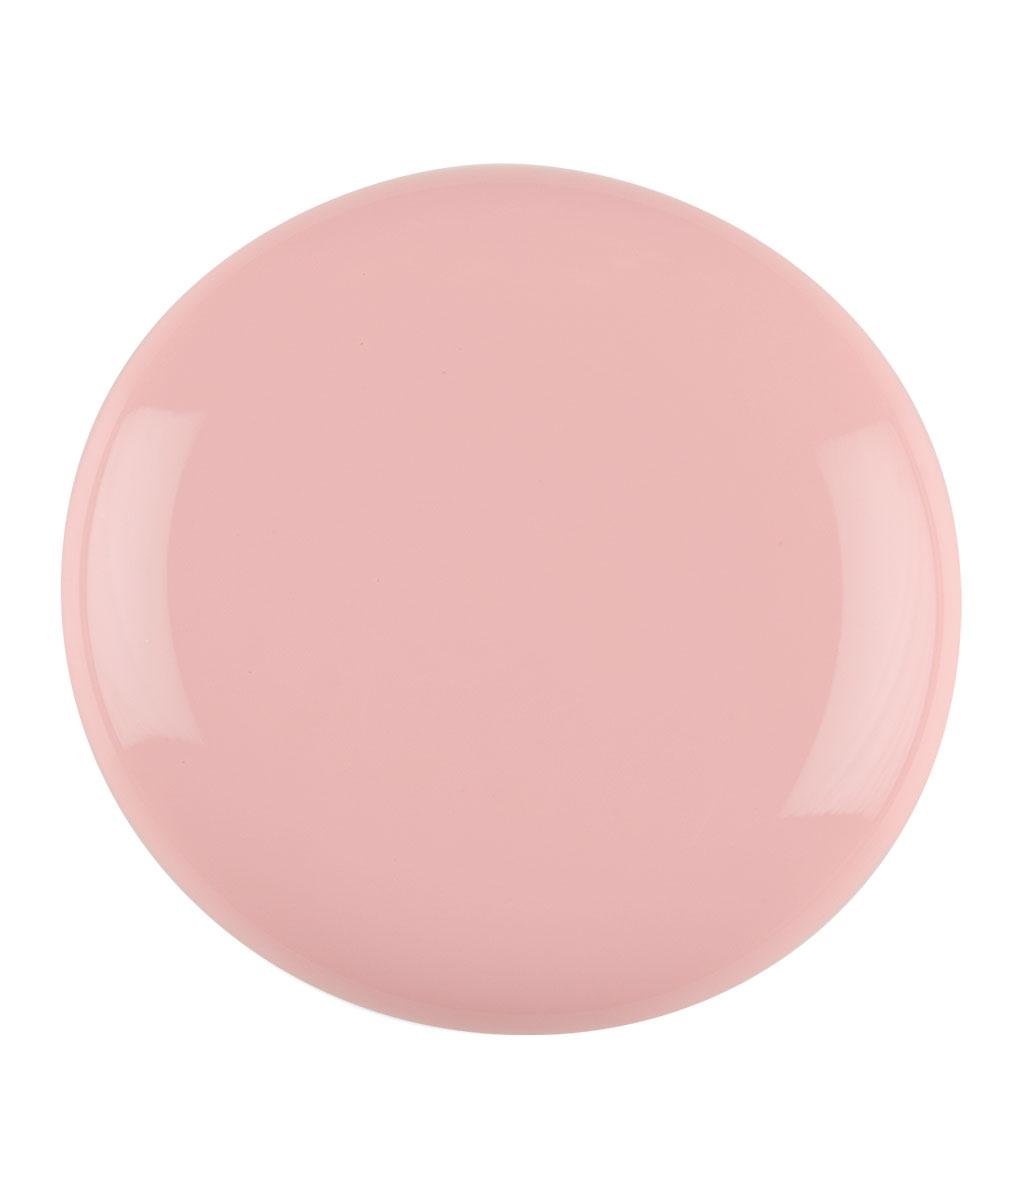 Campus Bay-en mjukt rosafärgad gelé